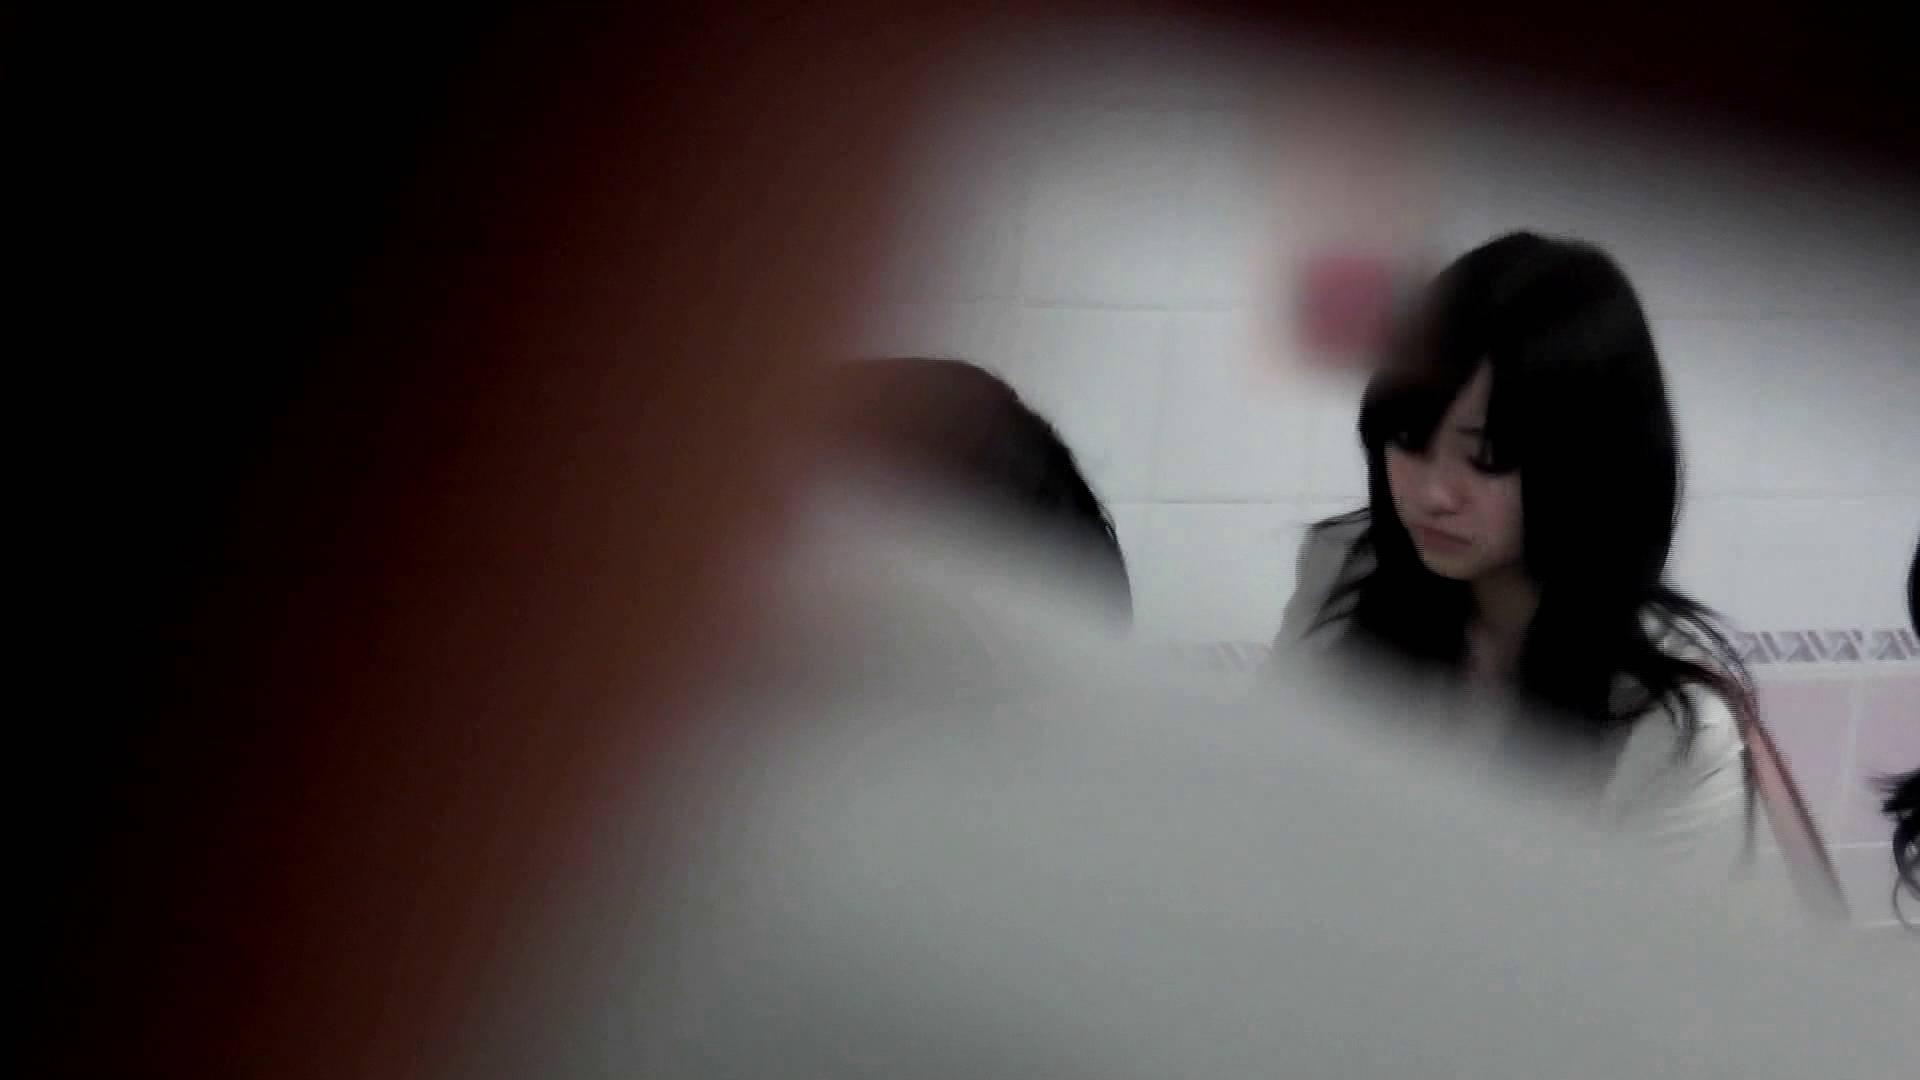 美しい日本の未来 特別版 軌跡2 盗撮エロすぎ   おまんこ無修正  76連発 9